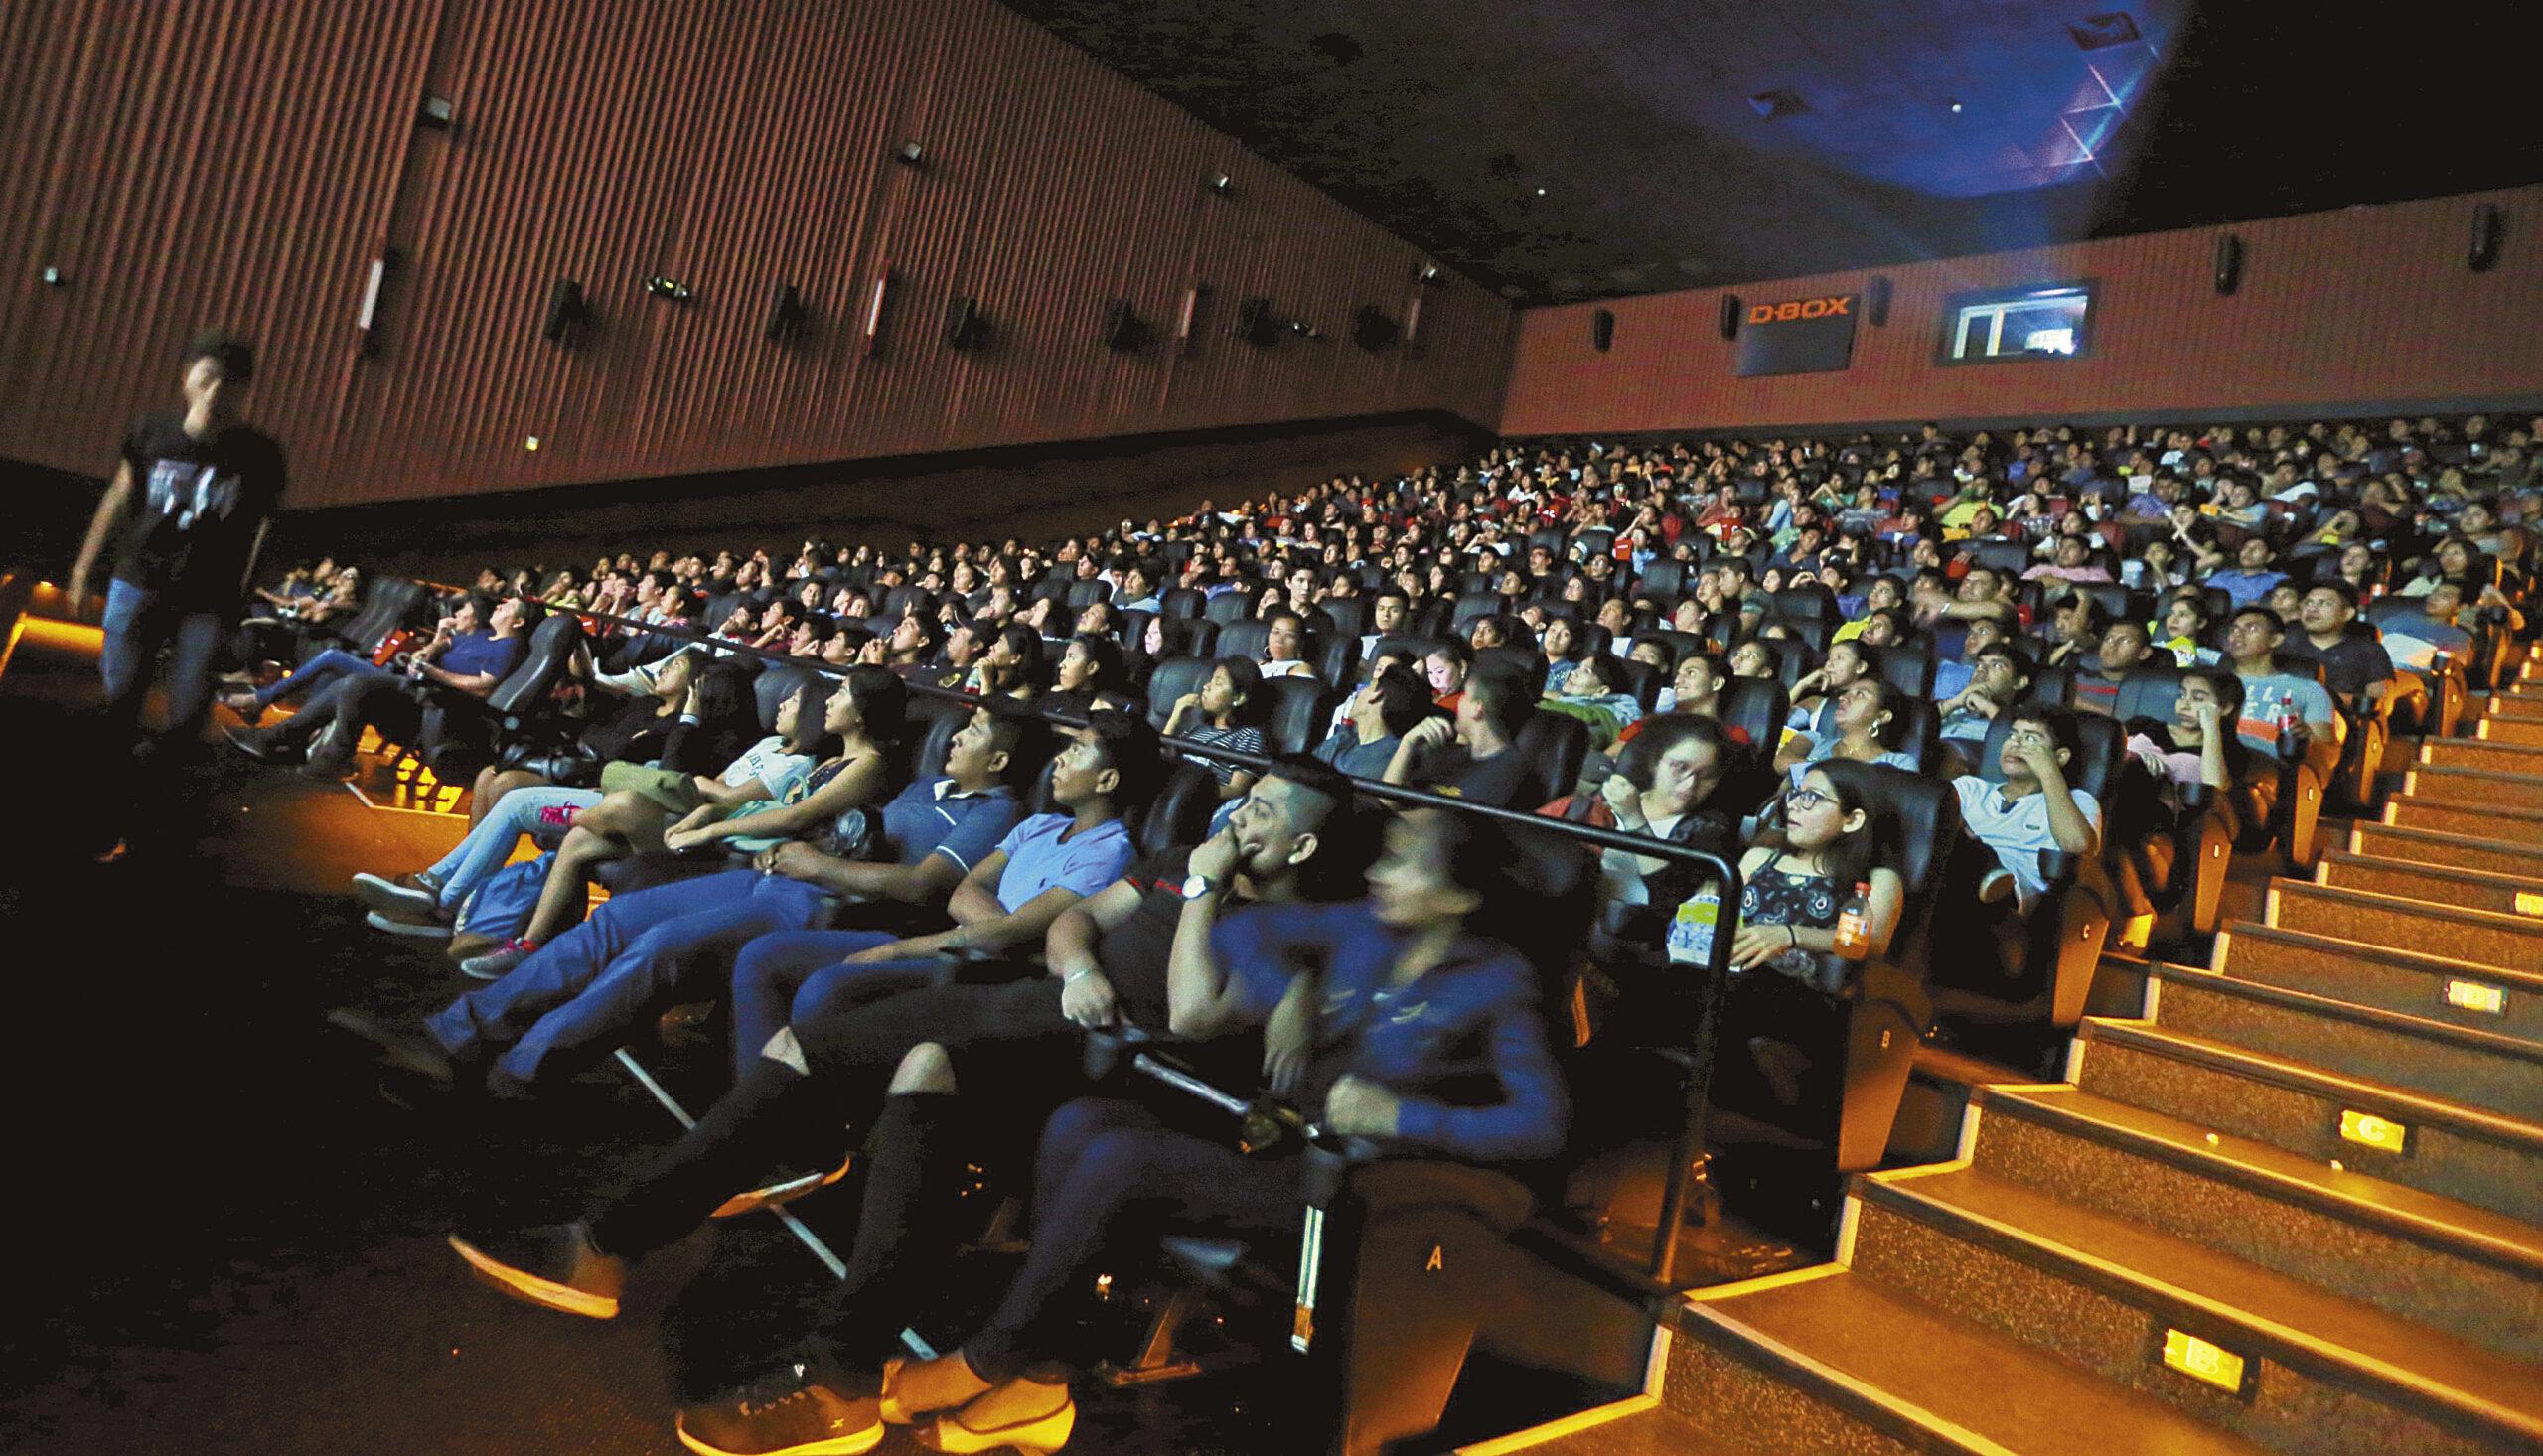 Los ingresos de los cines iberoamericanos superaron los us$ 3.500 millones en 2019